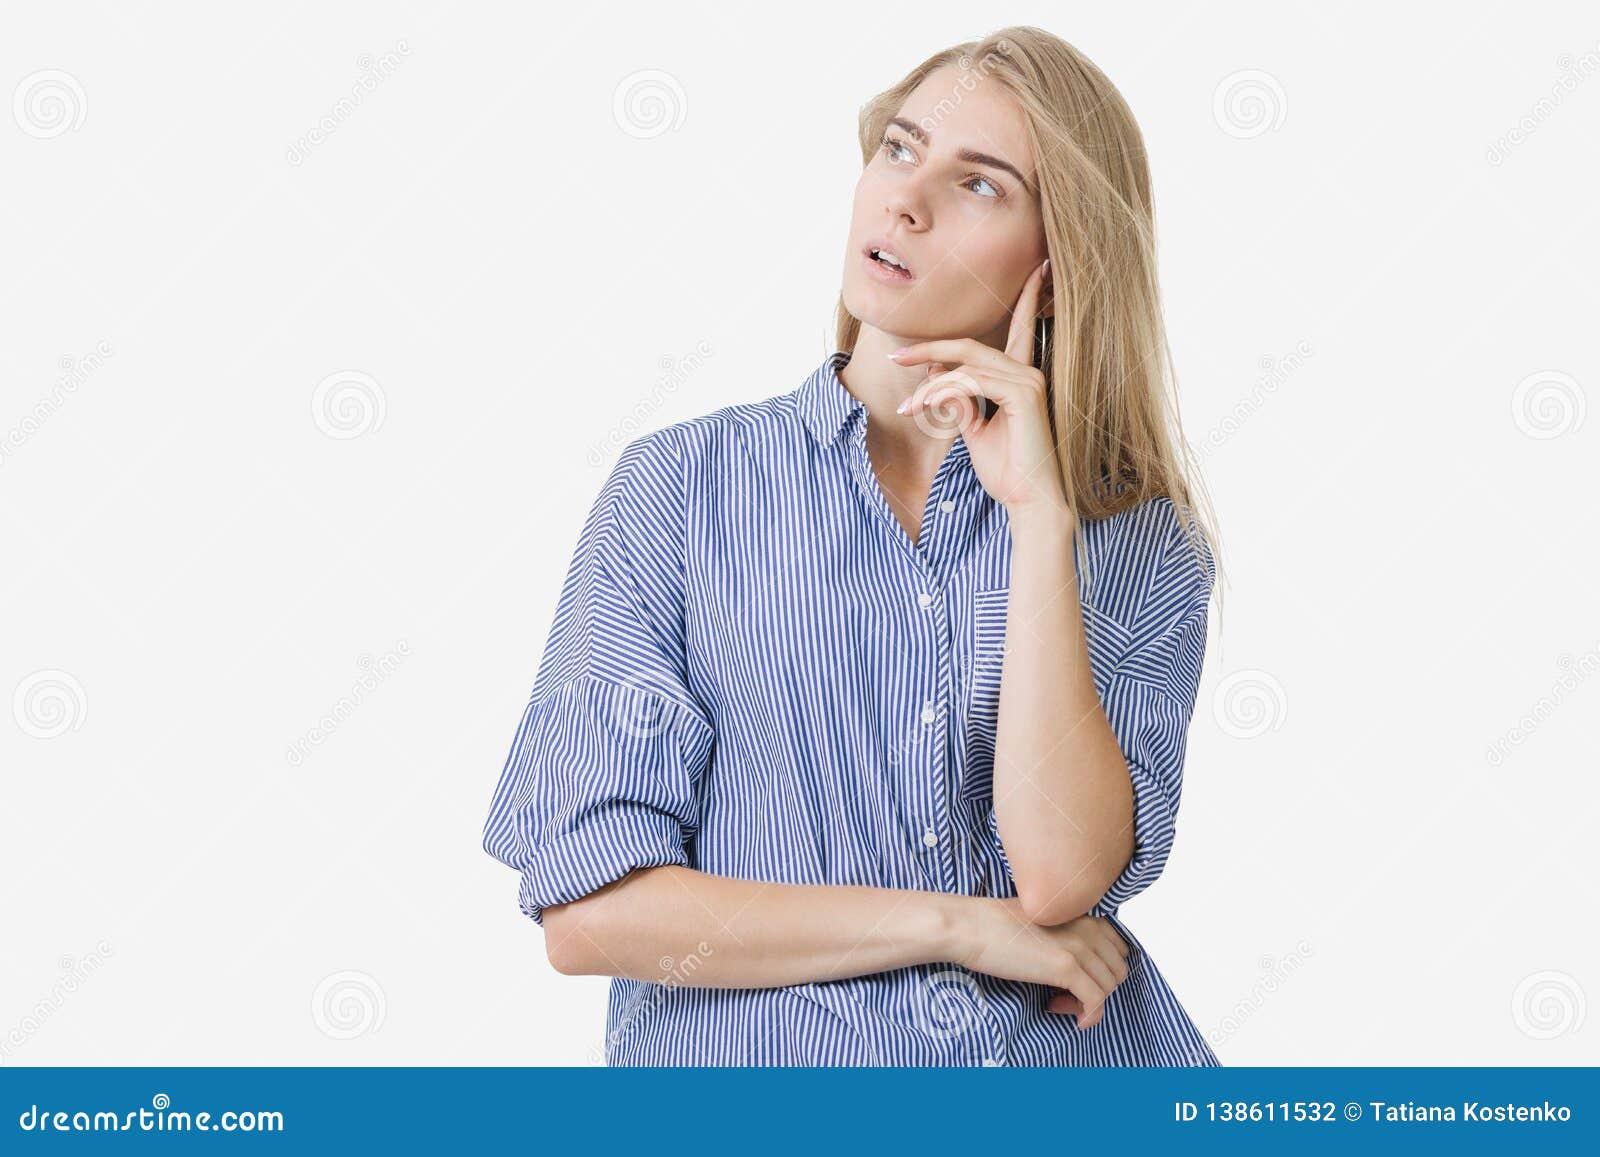 Retrato de la muchacha europea rubia joven que lleva la camisa rayada azul que piensa en algo sobre el fondo blanco